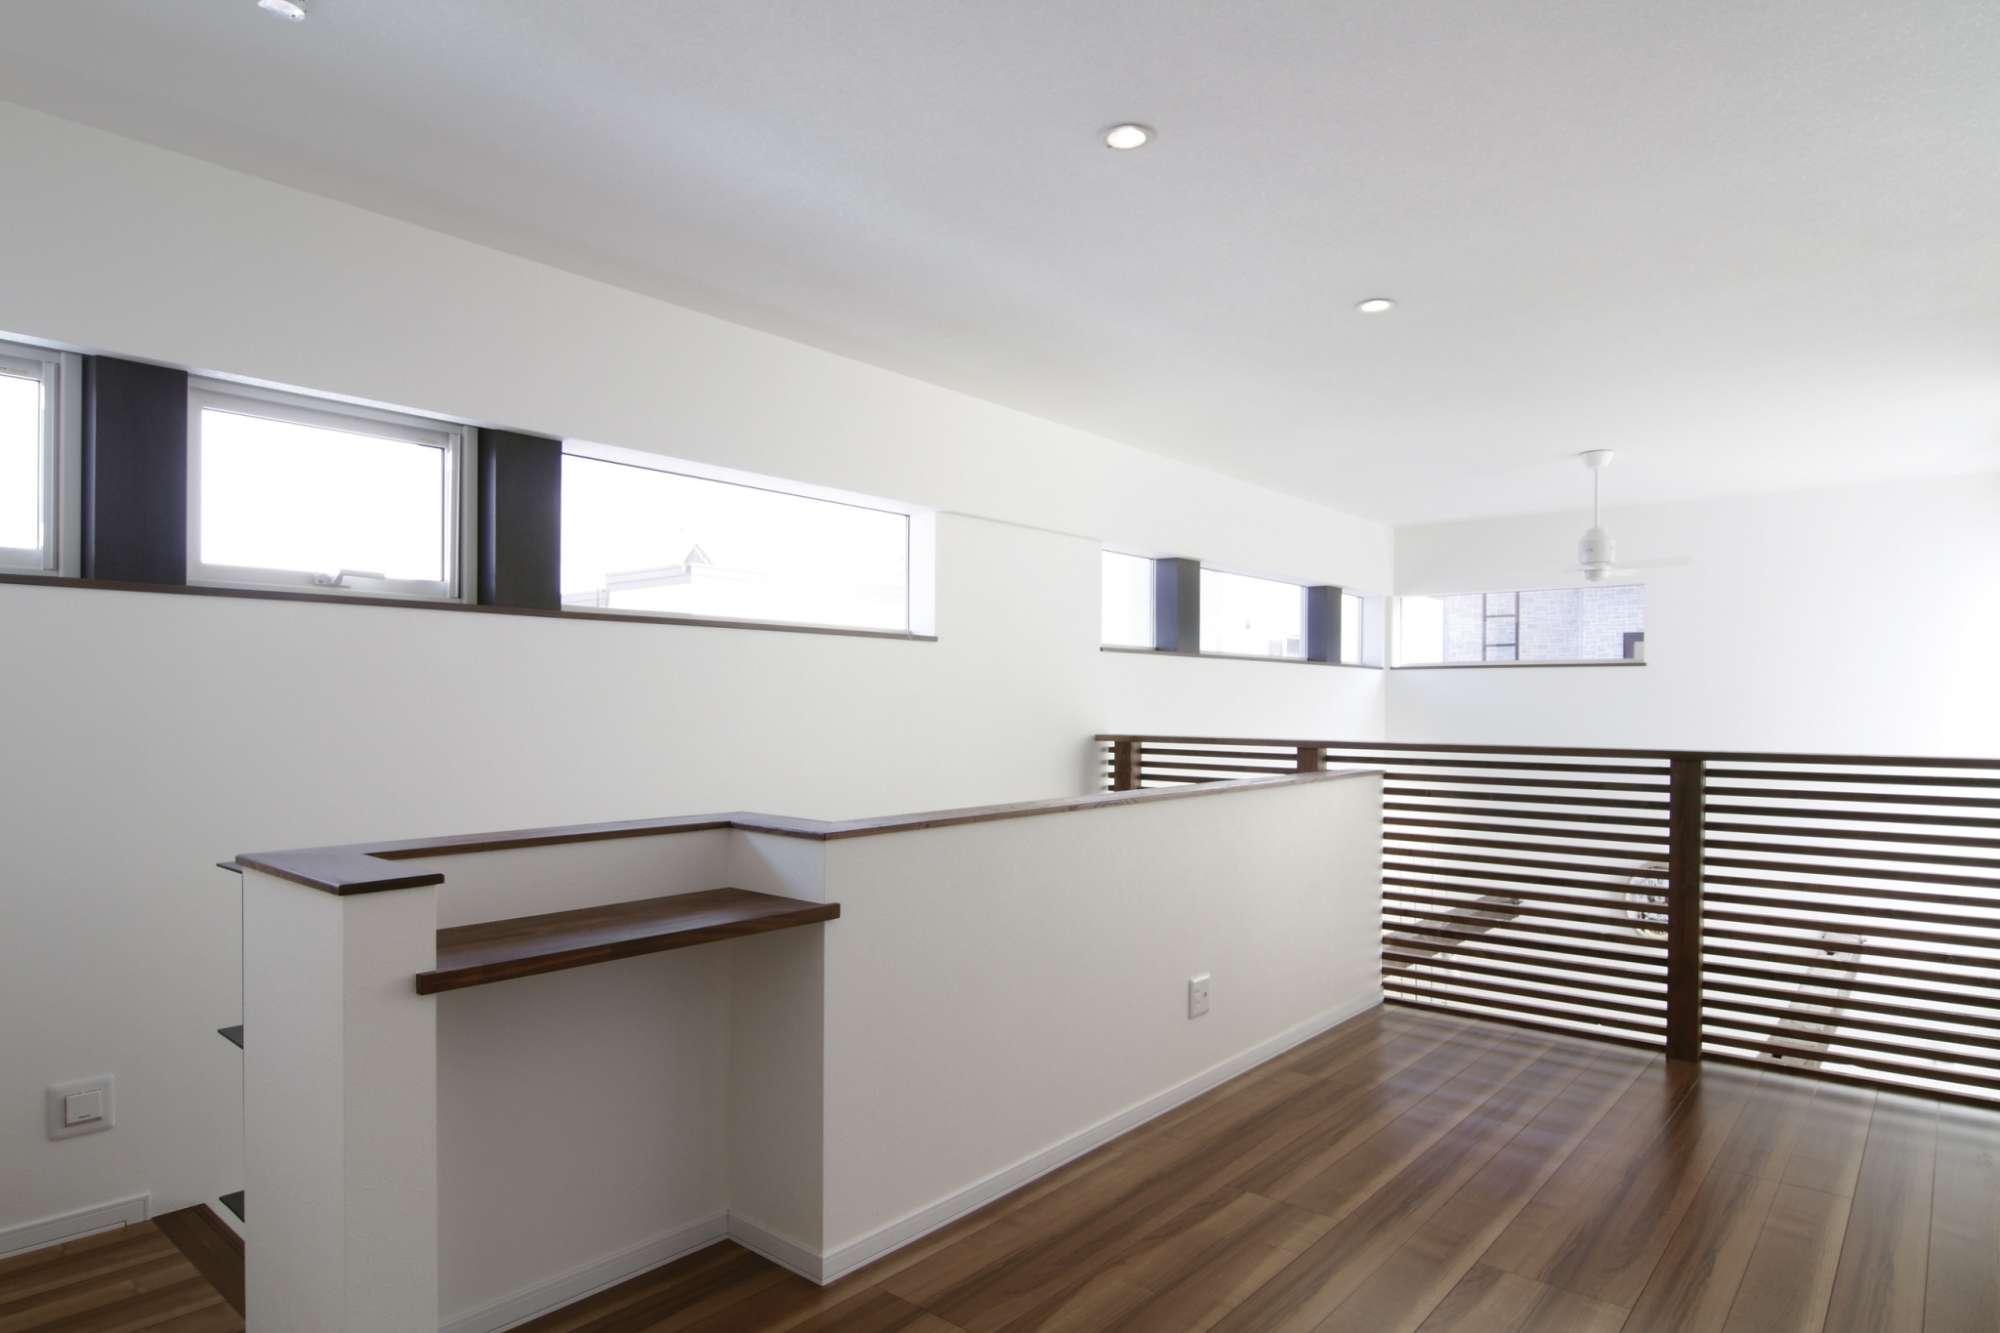 2階のフリースペースはカウンターをうあまく生かして、自由に使える場所 -  -  -